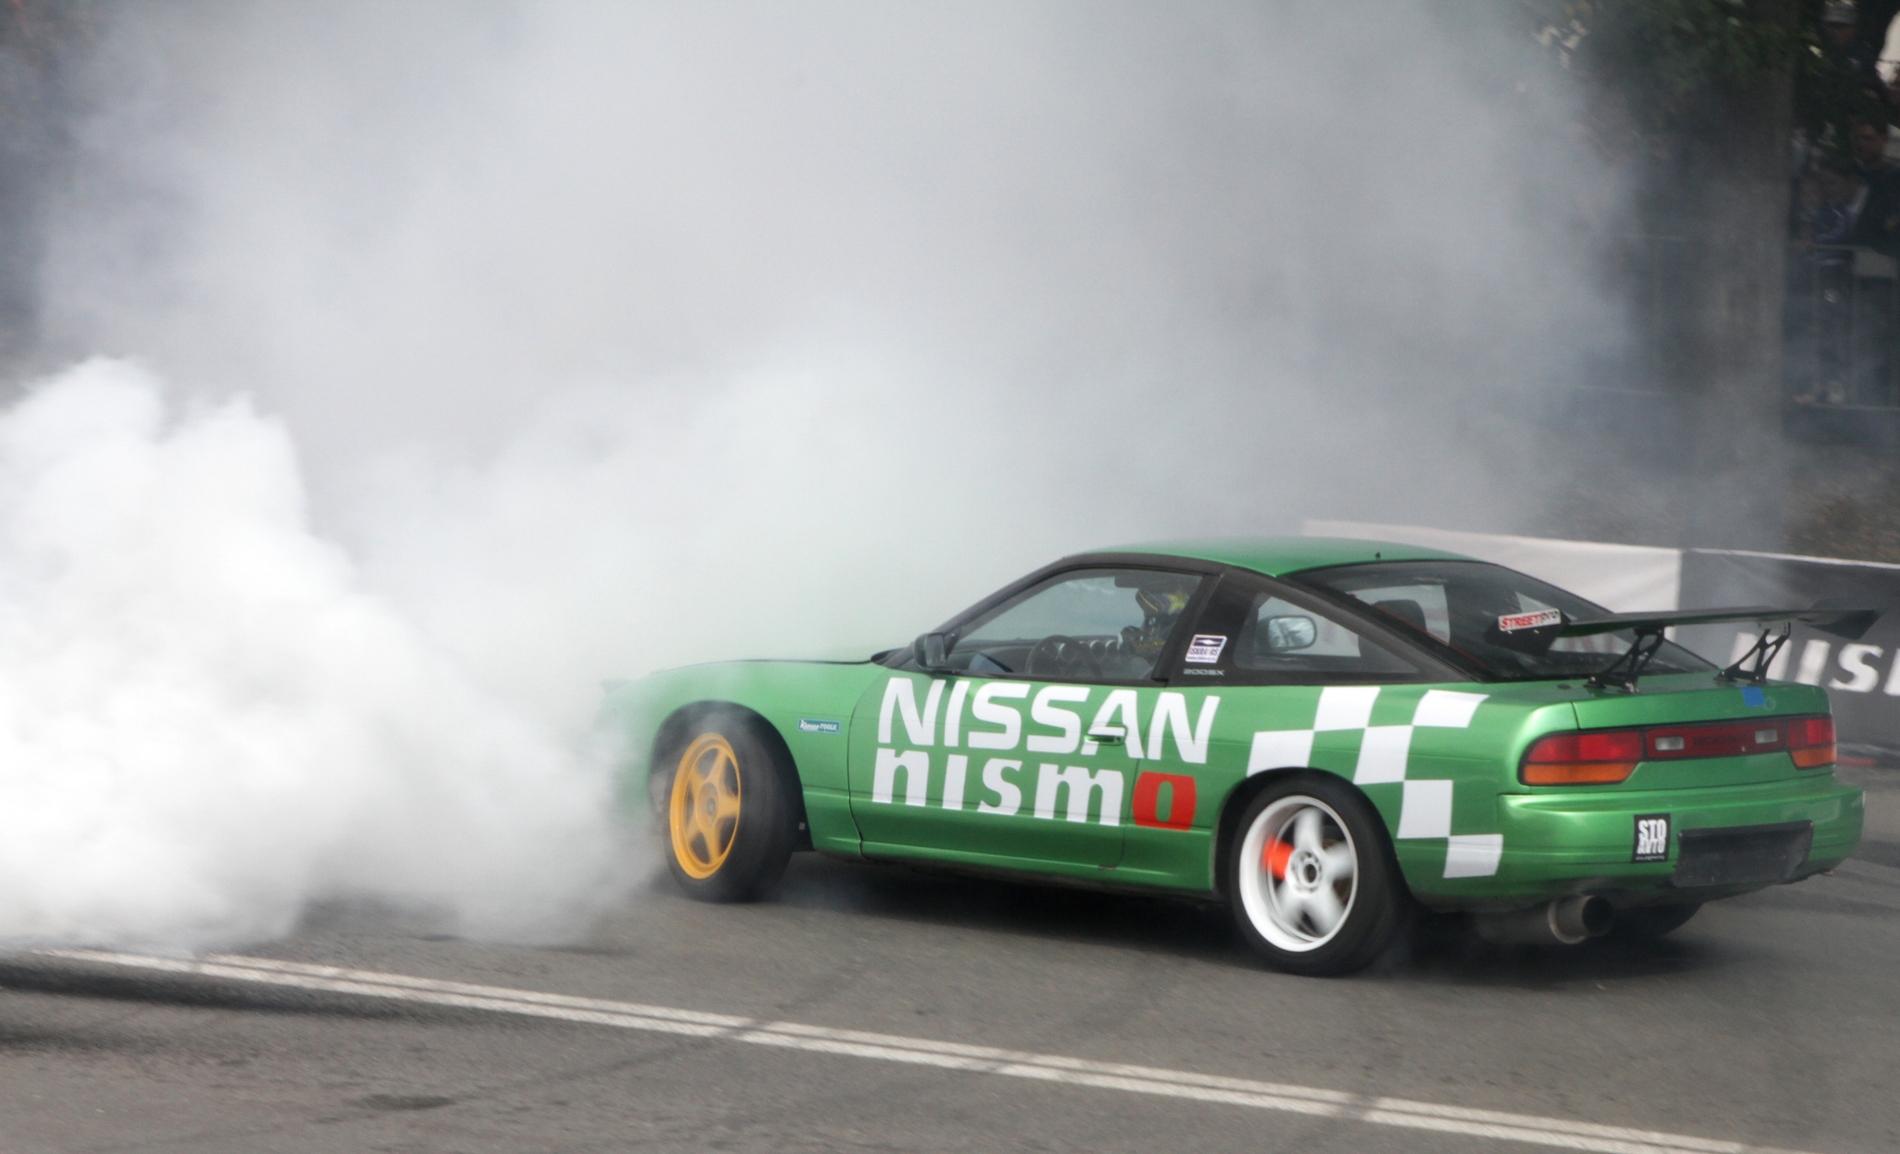 Дым коромыслом: в центре Екатеринбурга жгли и наяривали лучшие гонщики